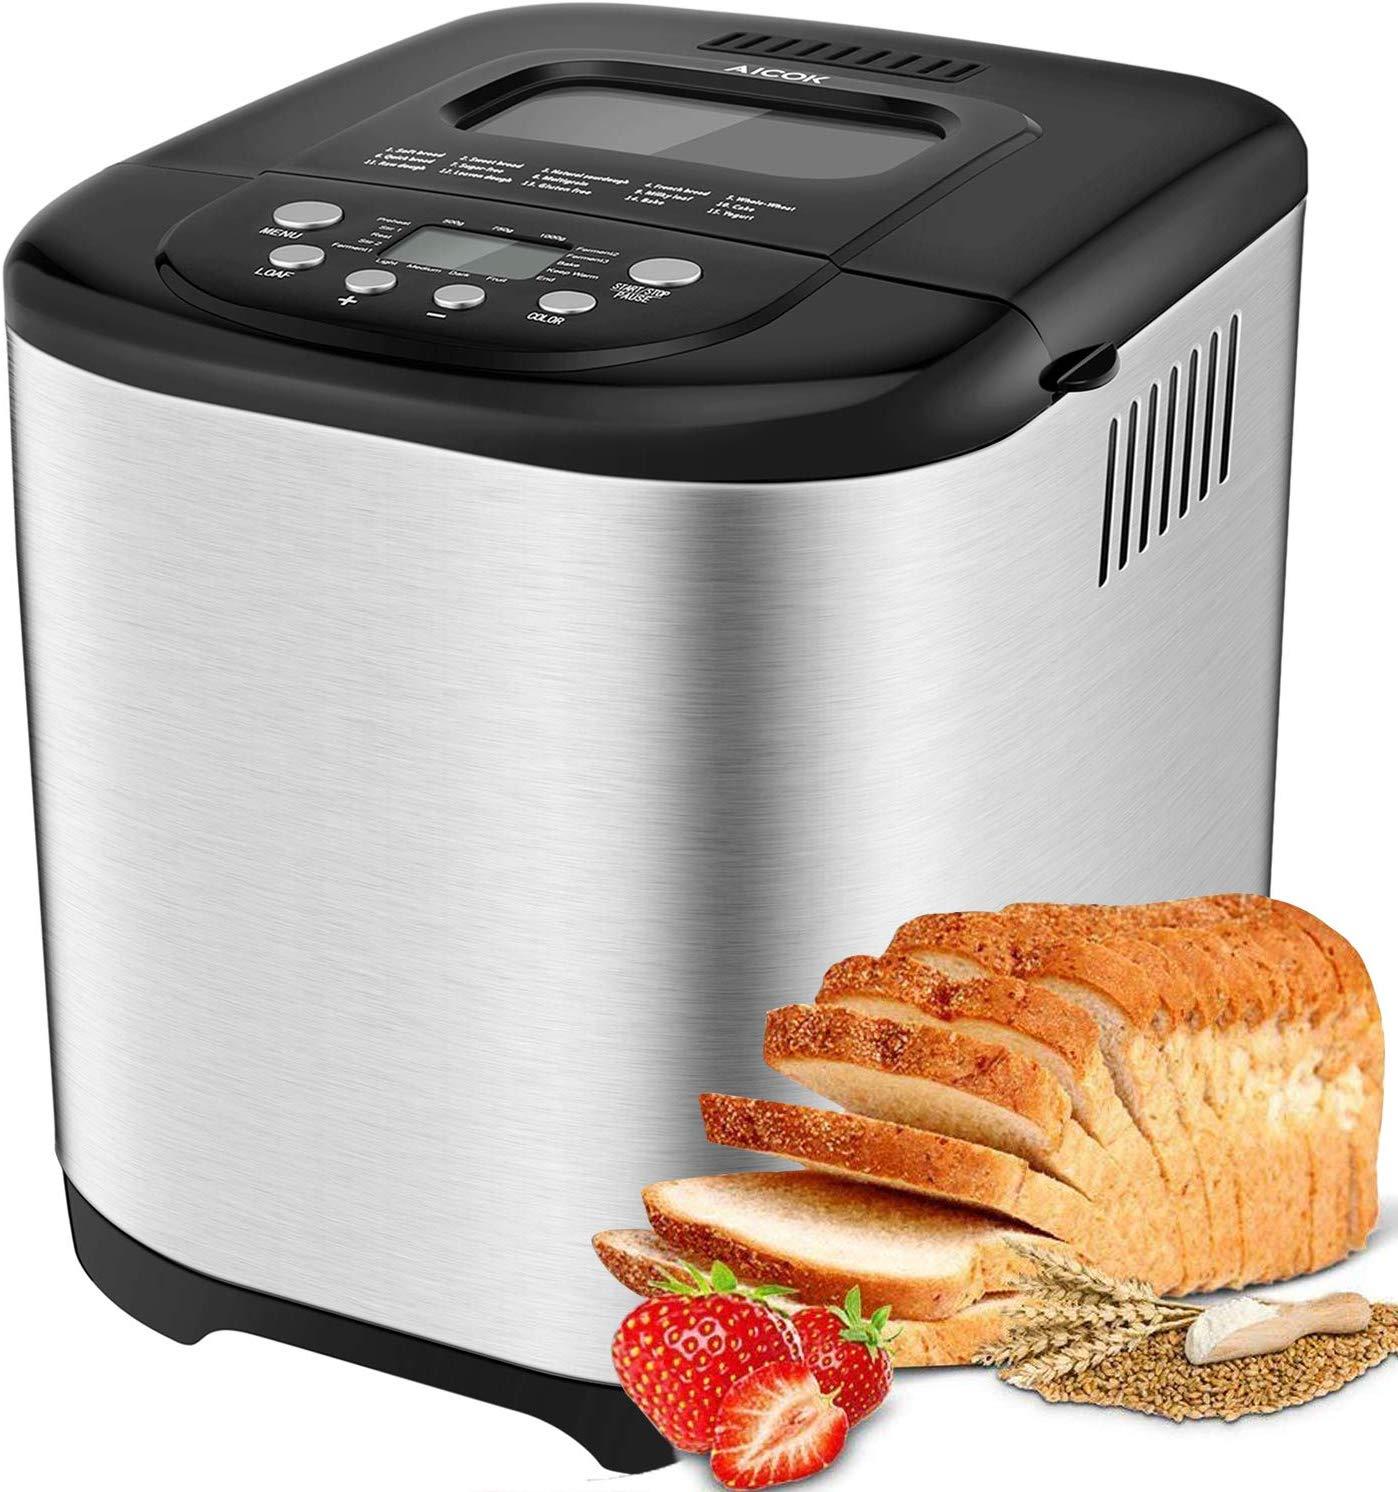 aicok automatic bread maker